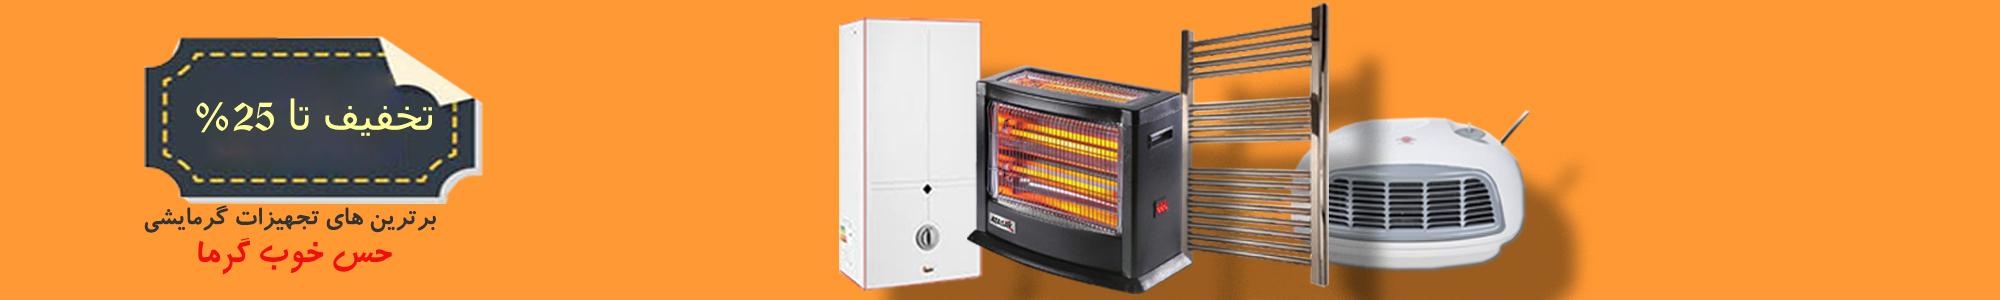 فروش ویژه تجهیزات گرمایشی